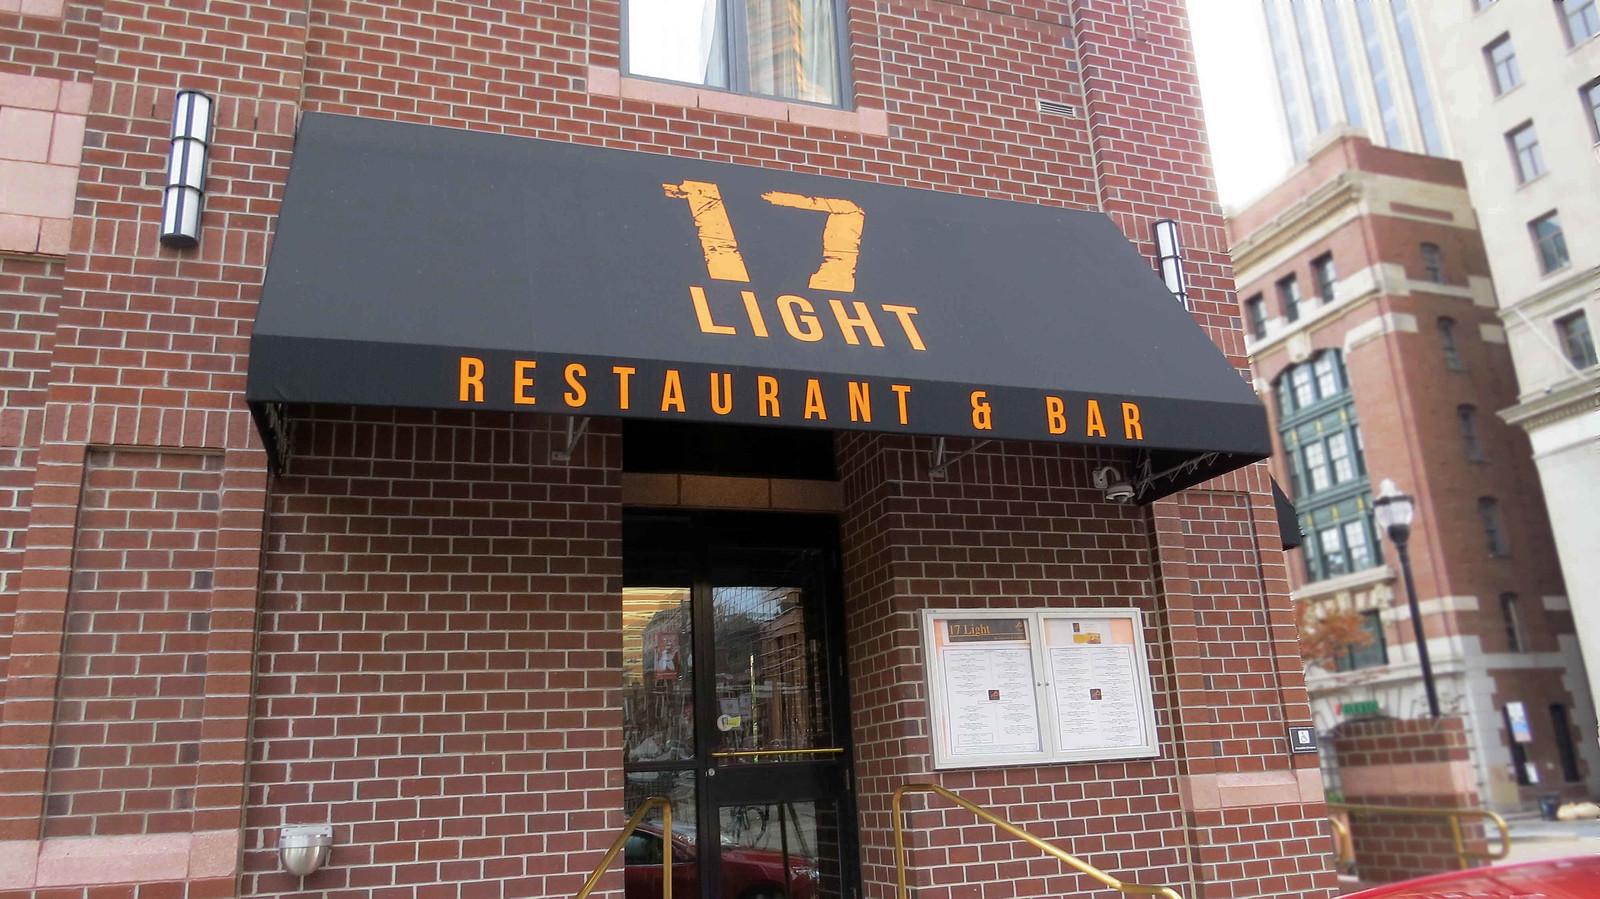 Restaurant Awning Baltimore